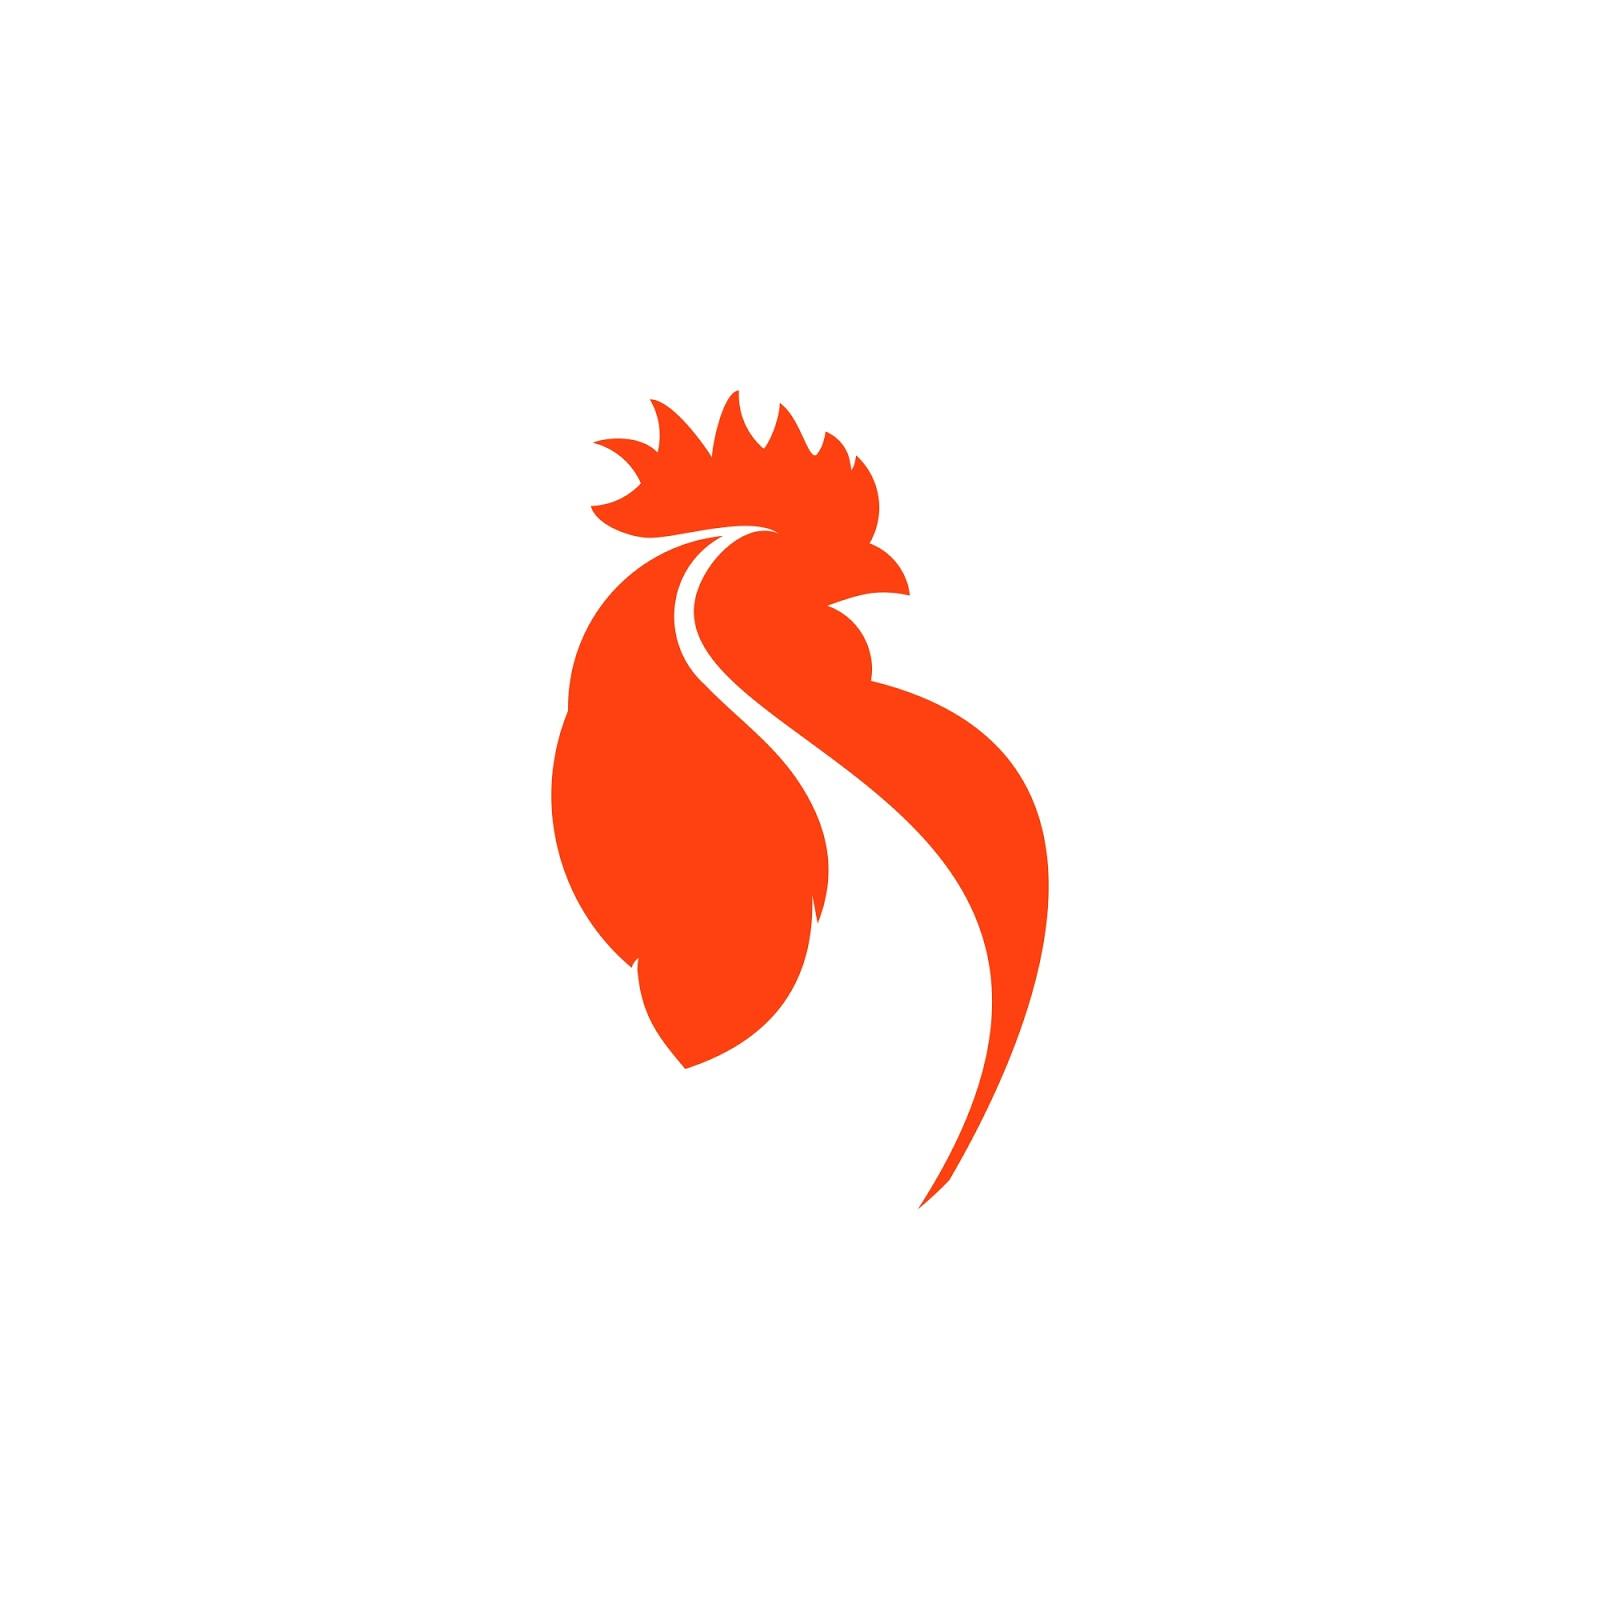 87 Gambar Ayam Untuk Logo HD